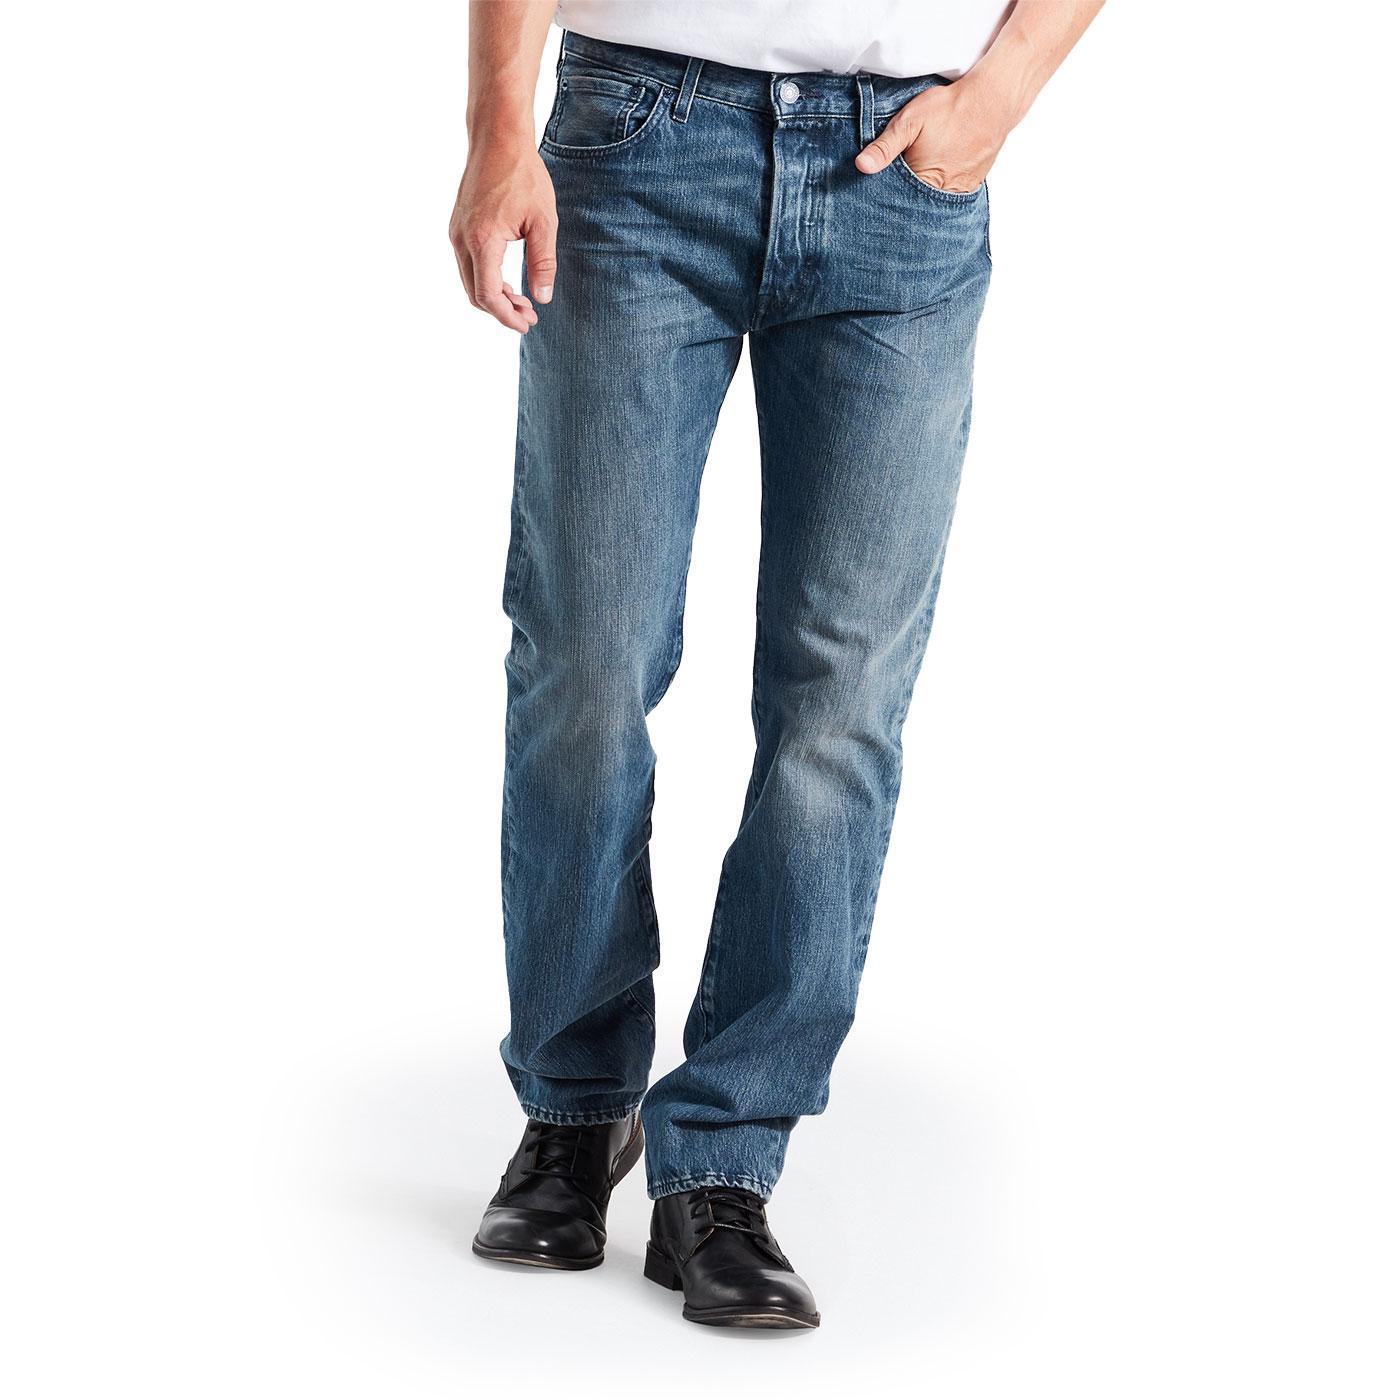 LEVI'S 501 Men's Original Fit Denim Jeans (Tissue)